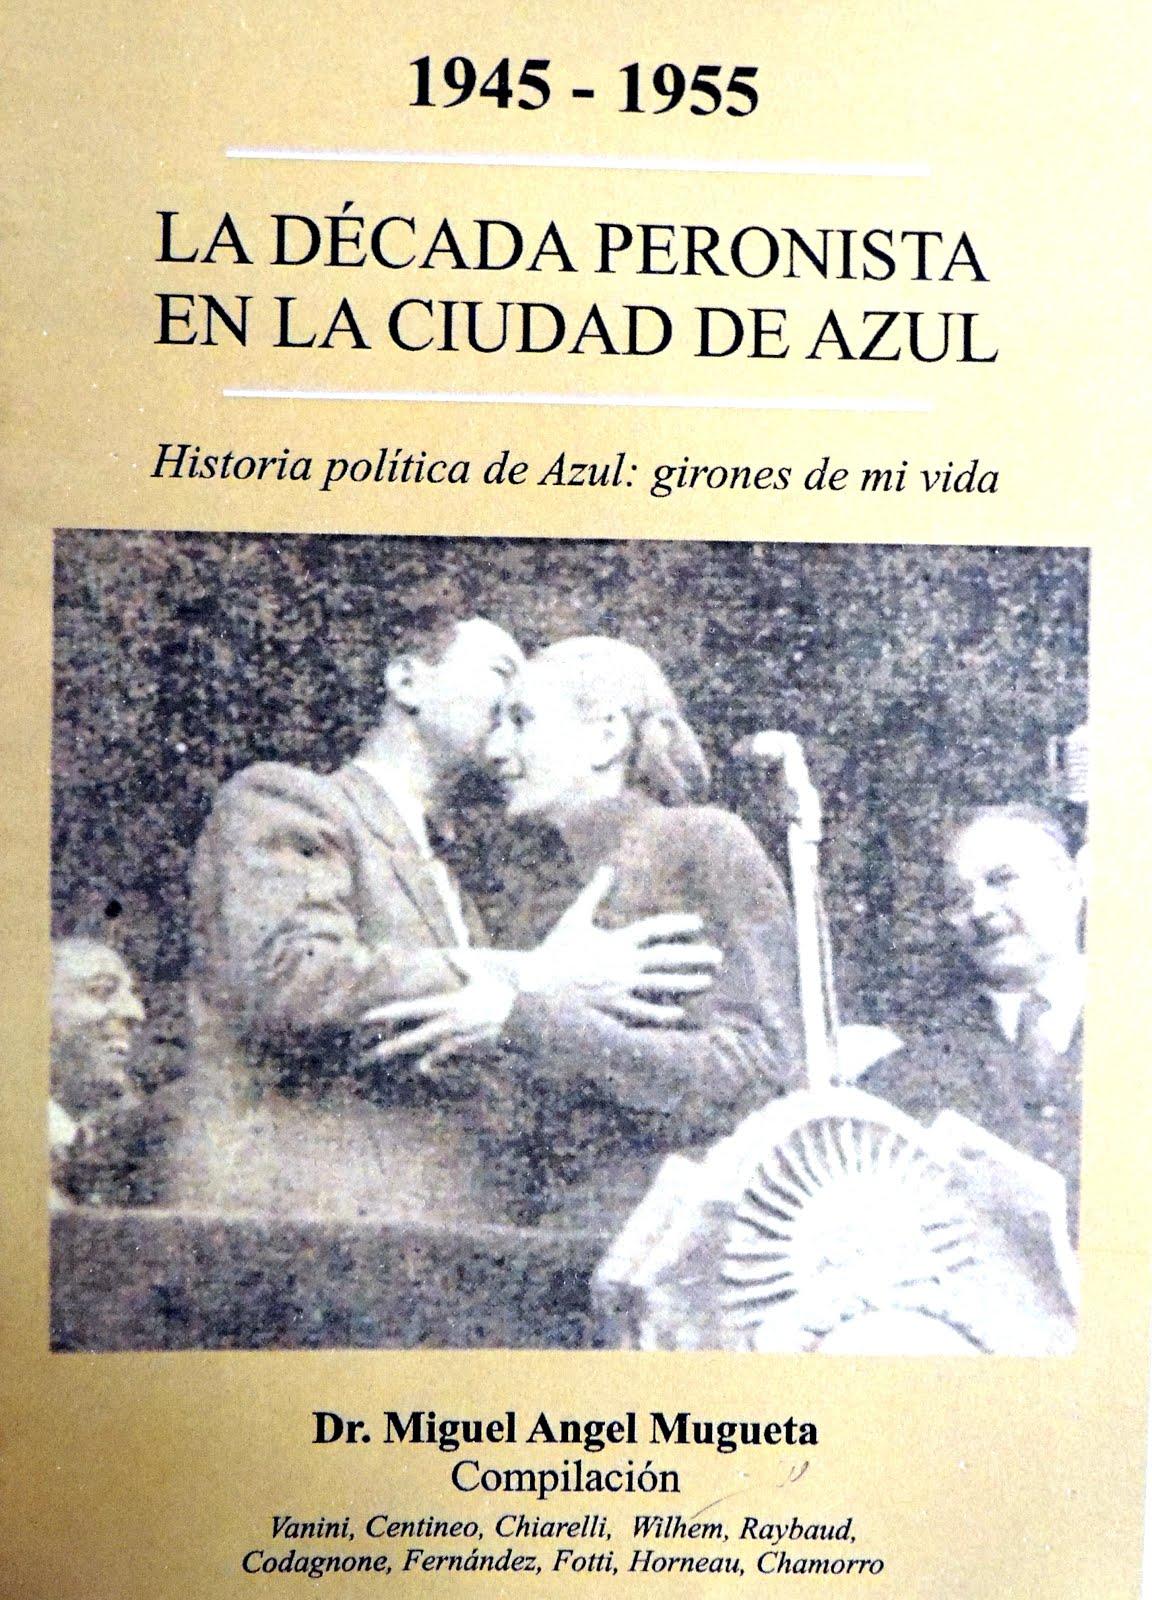 LIBRO HISTORIA POLITICA DE AZUL (1945-1950)